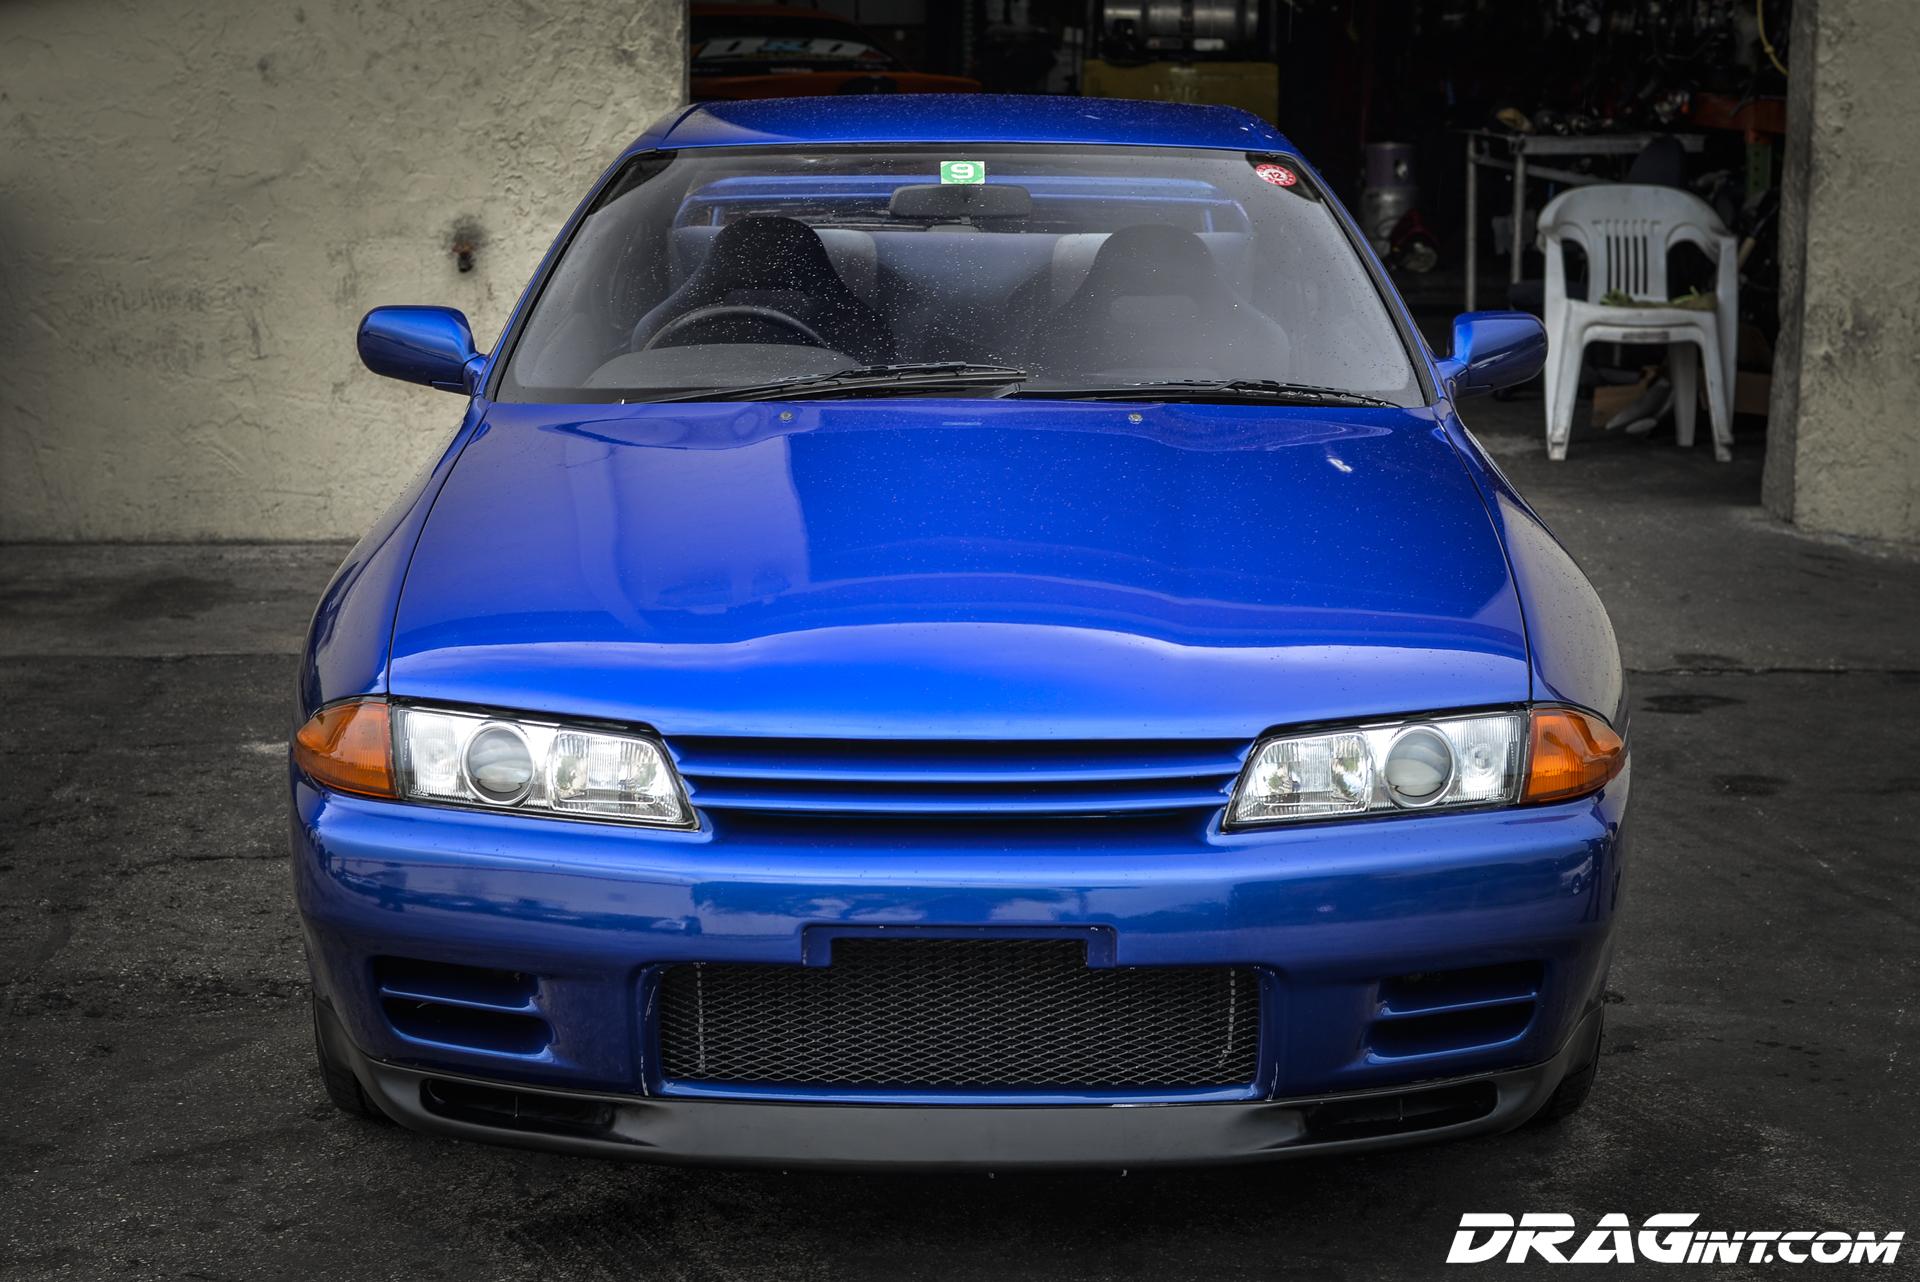 JDM Import R32 Skyline GTR In Best Blue Ever DRAG